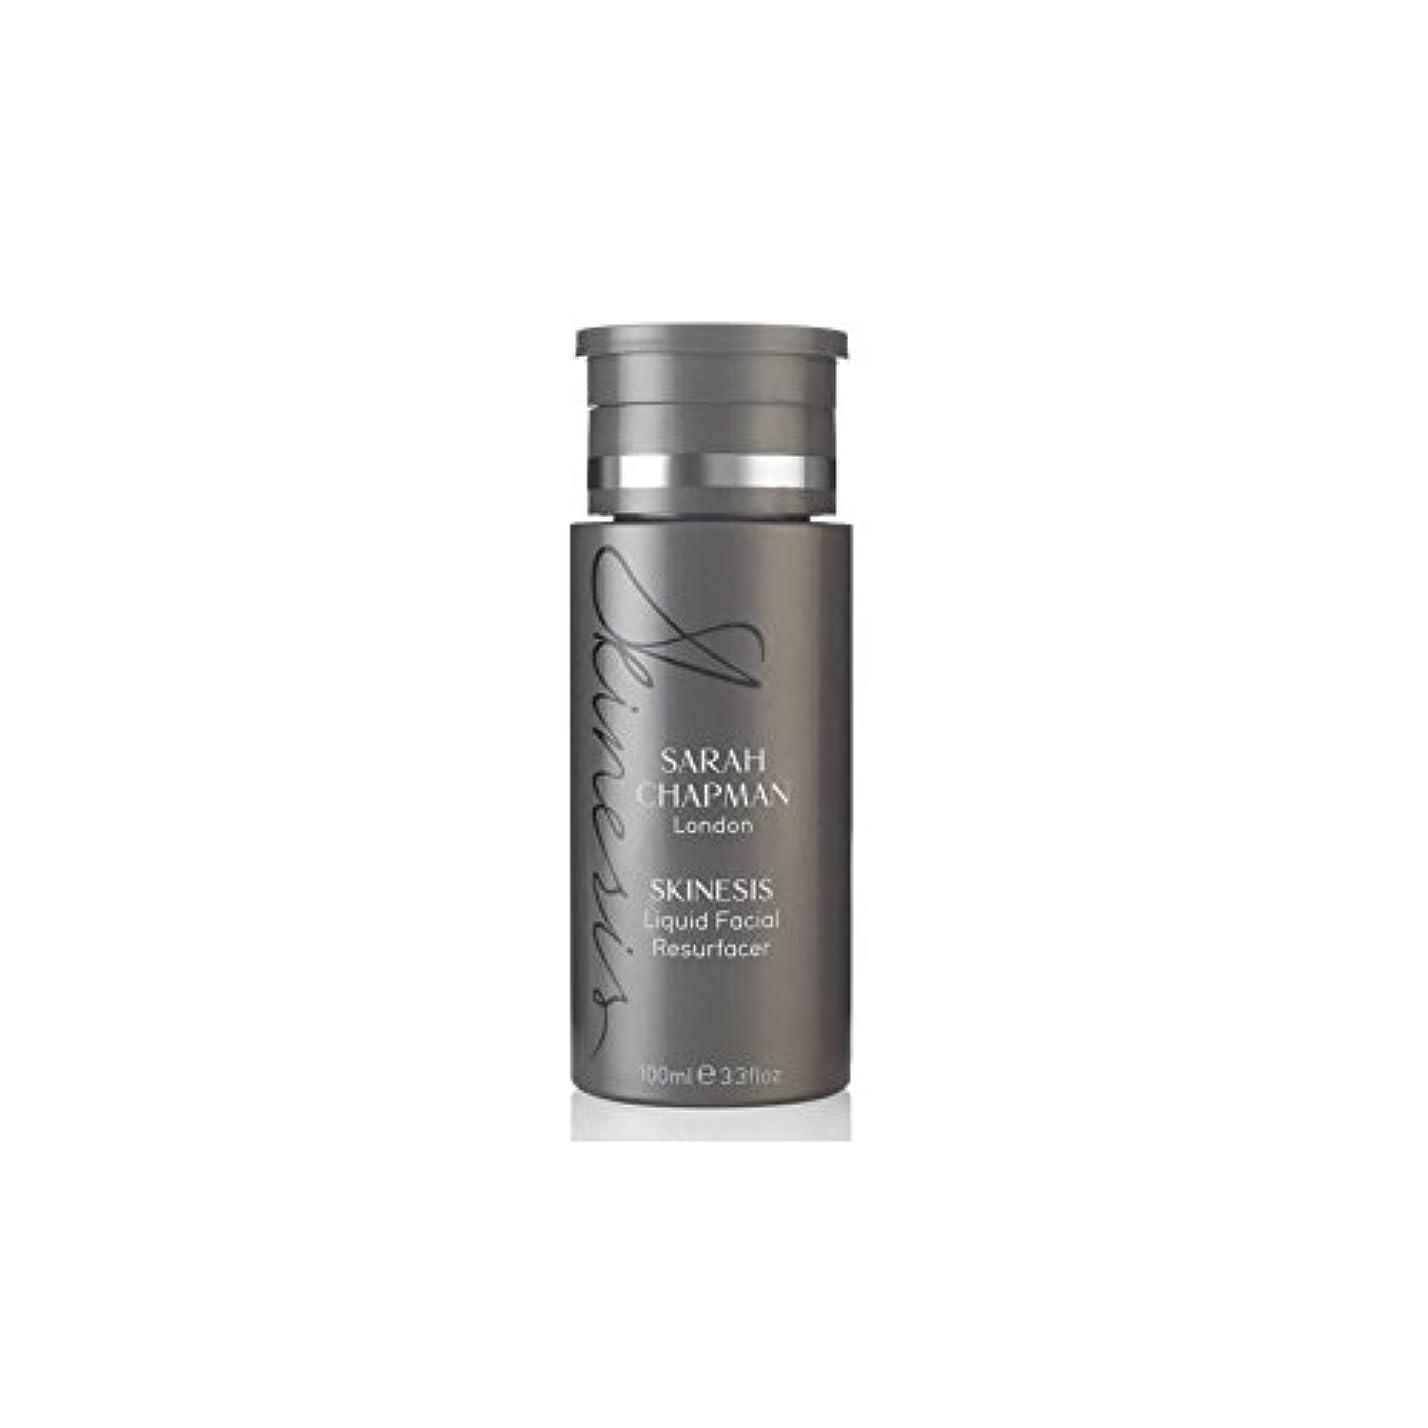 夜明け振る減るサラチャップマン液体顔(100)に x4 - Sarah Chapman Skinesis Liquid Facial Resurfacer (100ml) (Pack of 4) [並行輸入品]